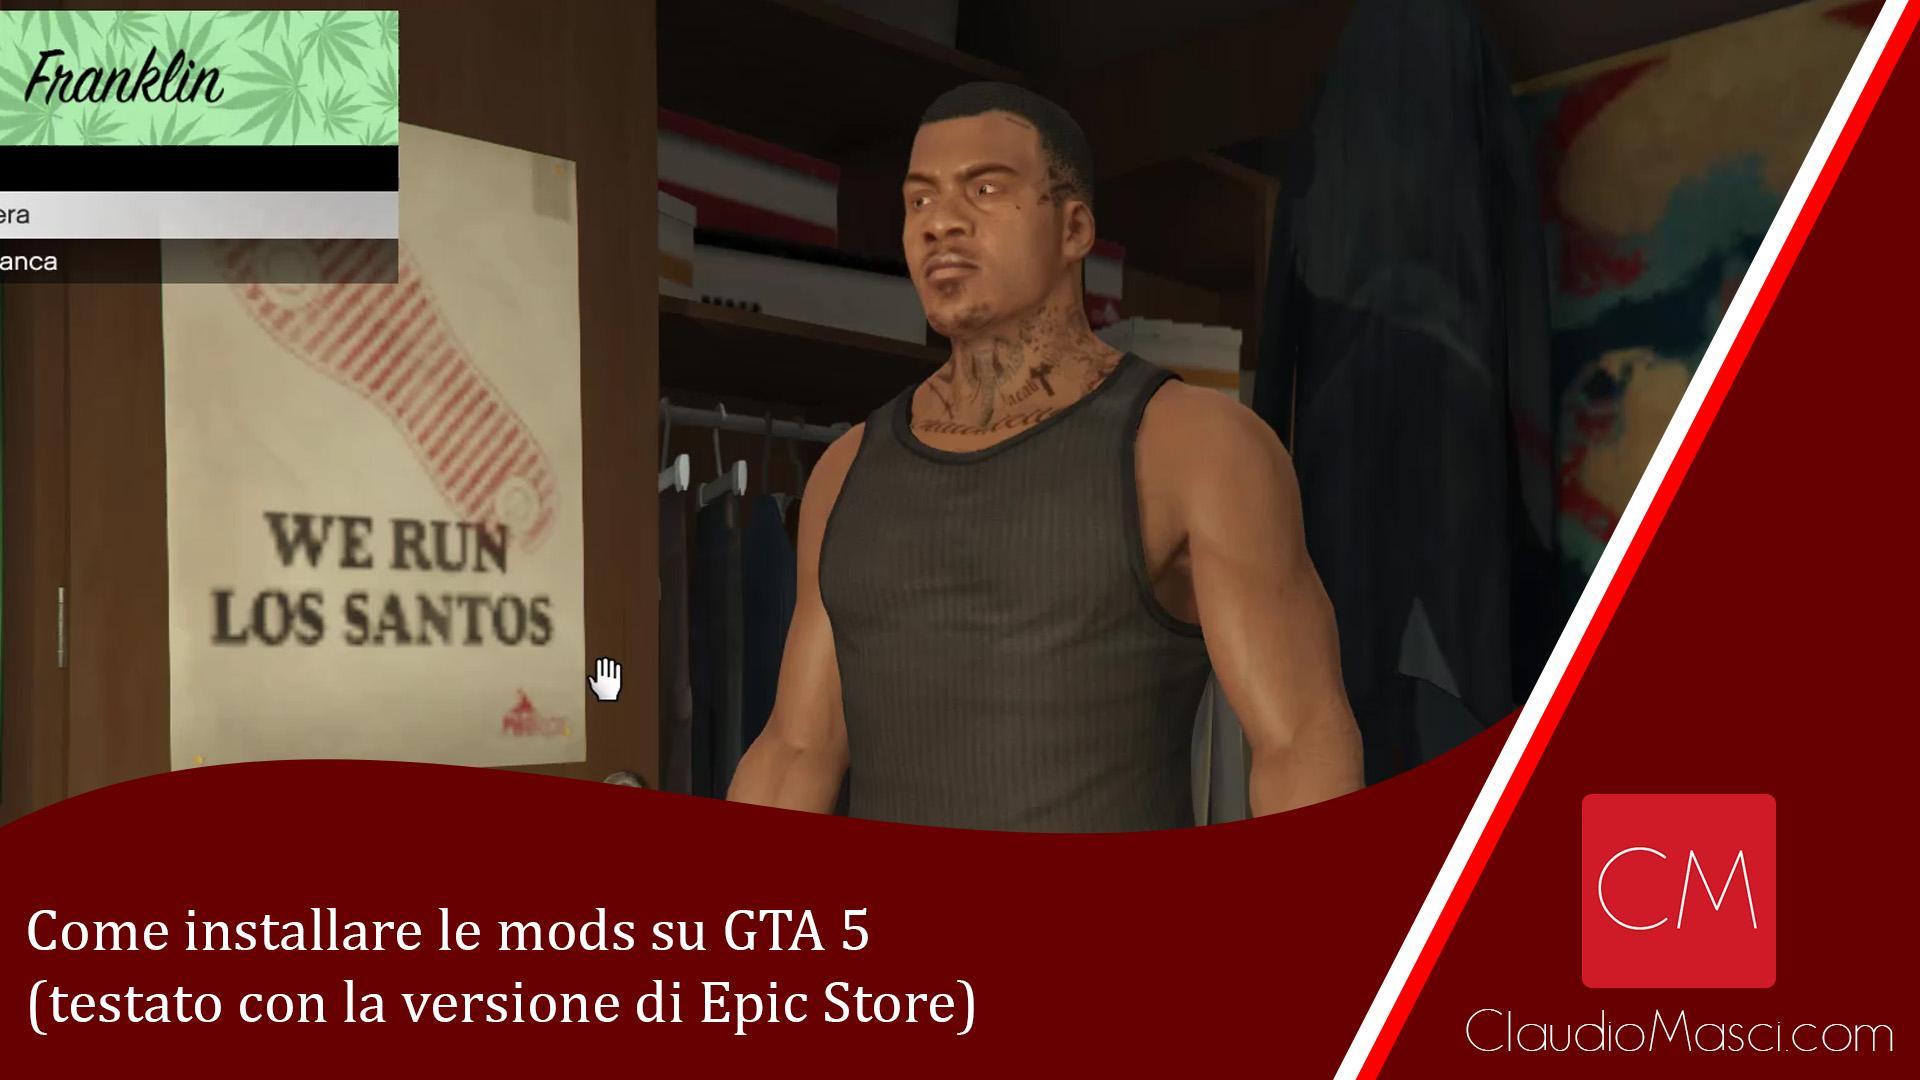 Come installare le mods su GTA 5 (testato con la versione di Epic Store)